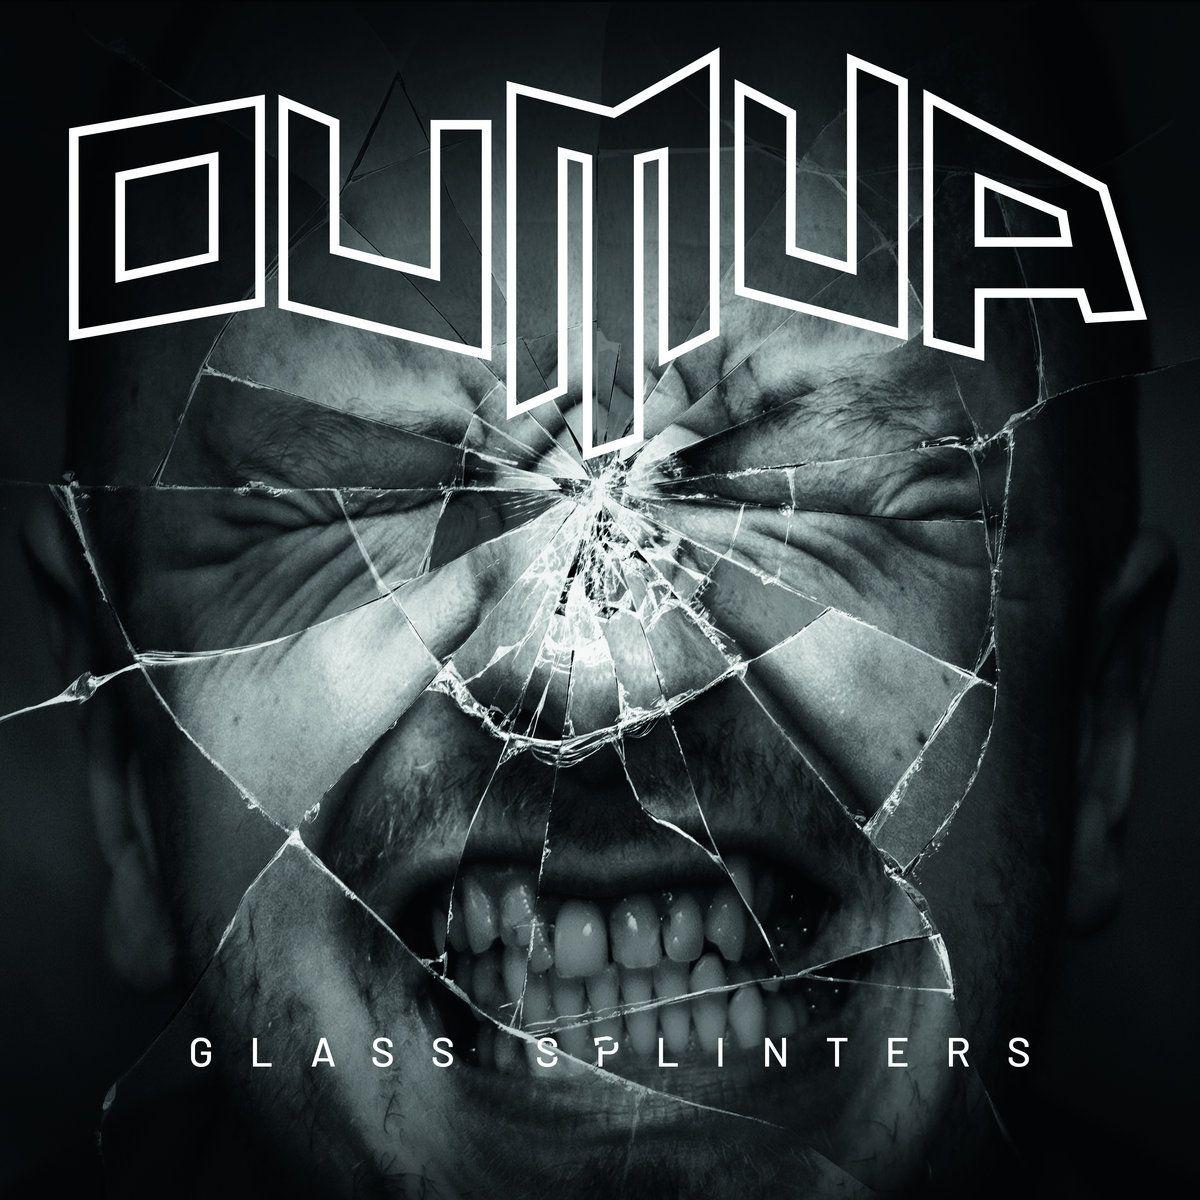 Oumua: Glass Splinters